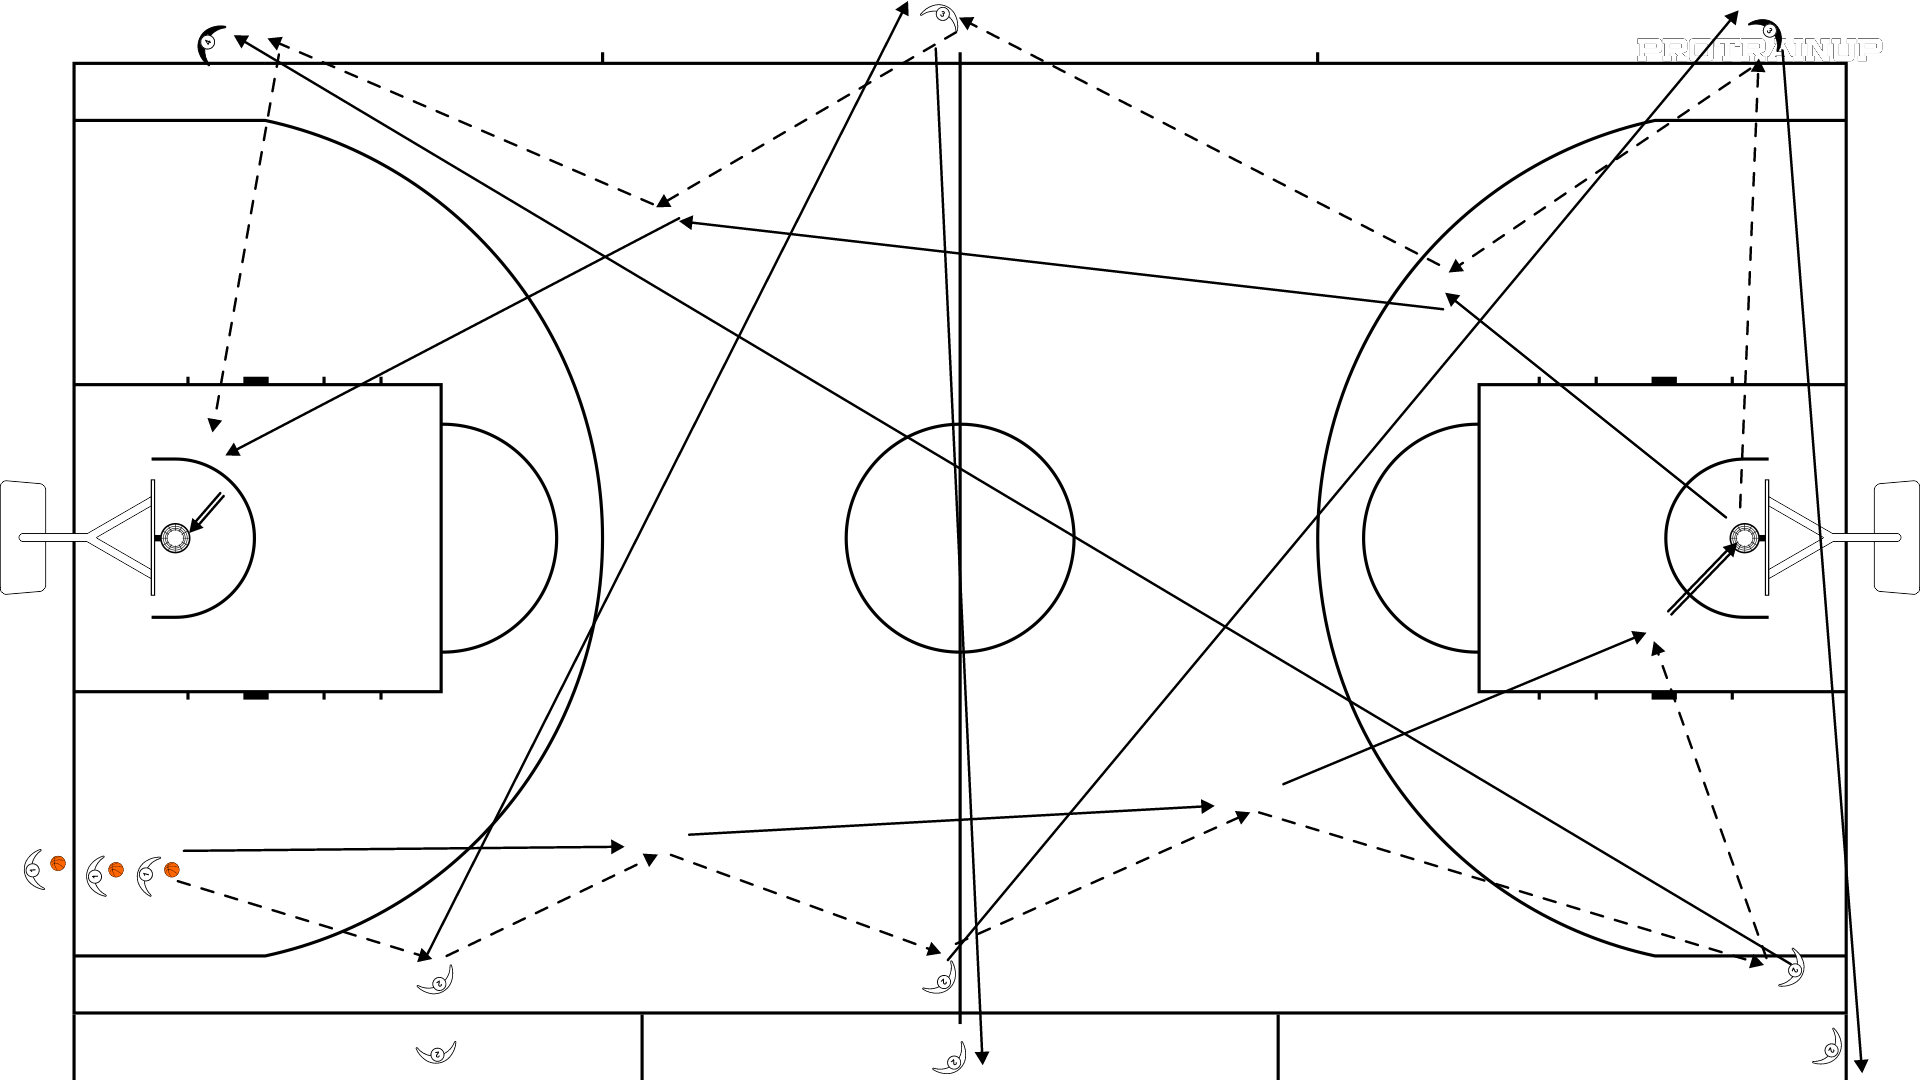 Rozgrzewka biegowa z podaniami piłki